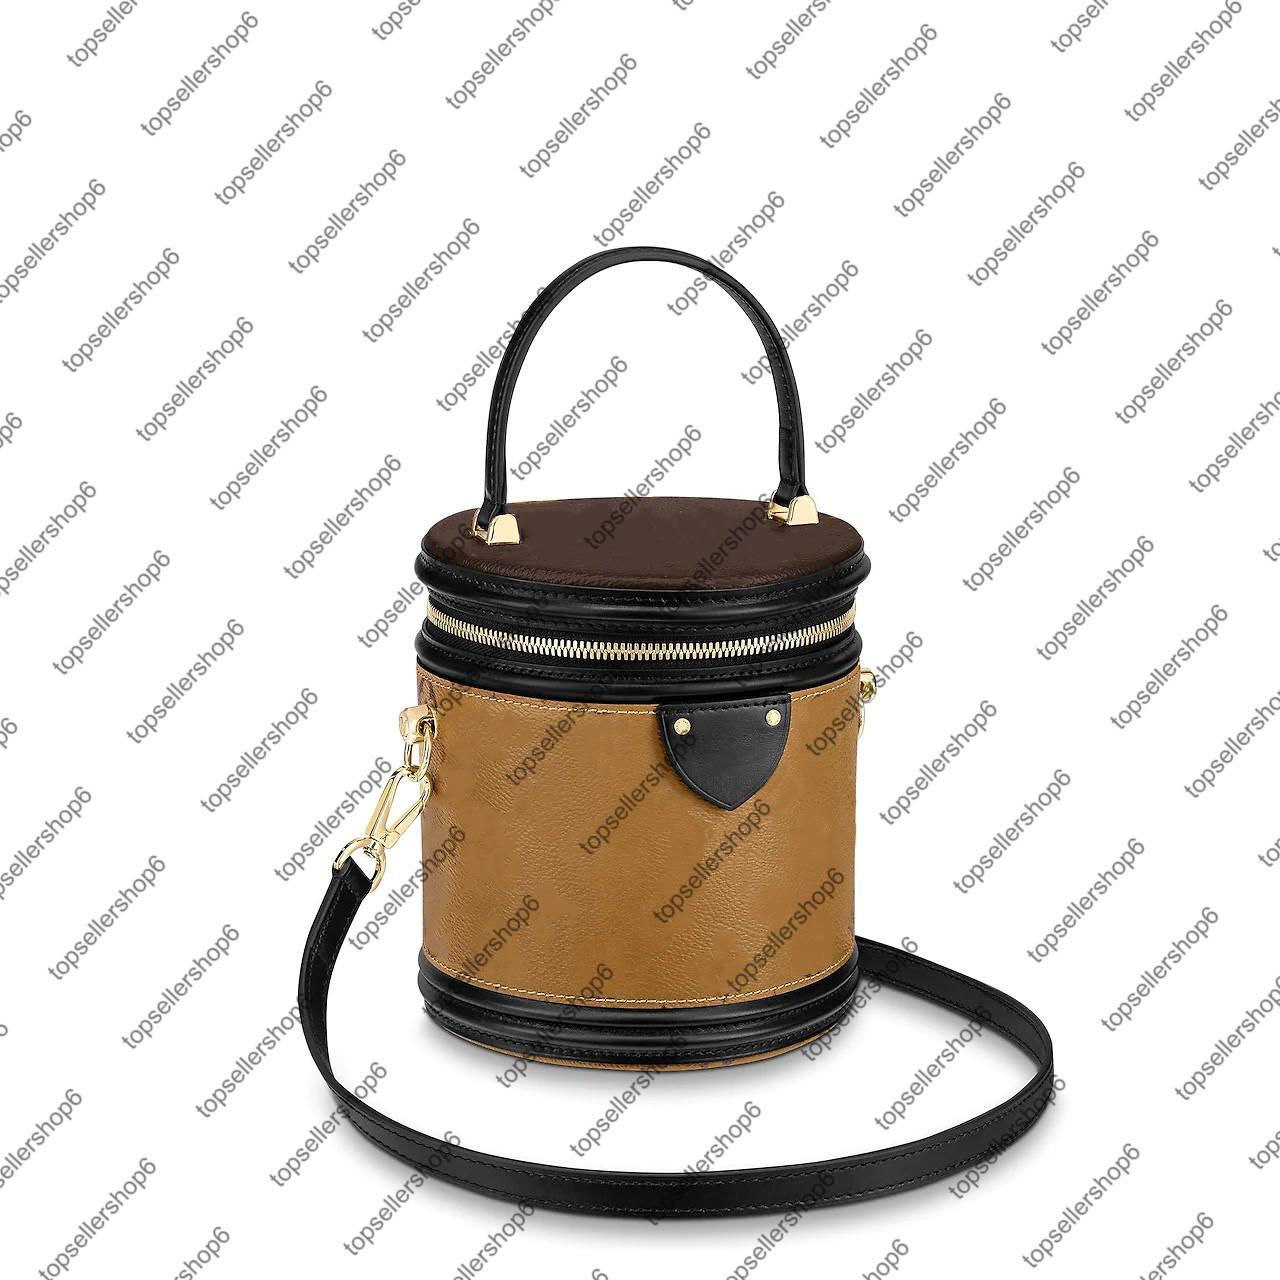 M43986 M55457 كان حقيبة يد النساء مصمم جلد البقر الطبيعي ق قفل قفل قماش دلو الكتف حقيبة محفظة عبر الجسم رسول حقيبة